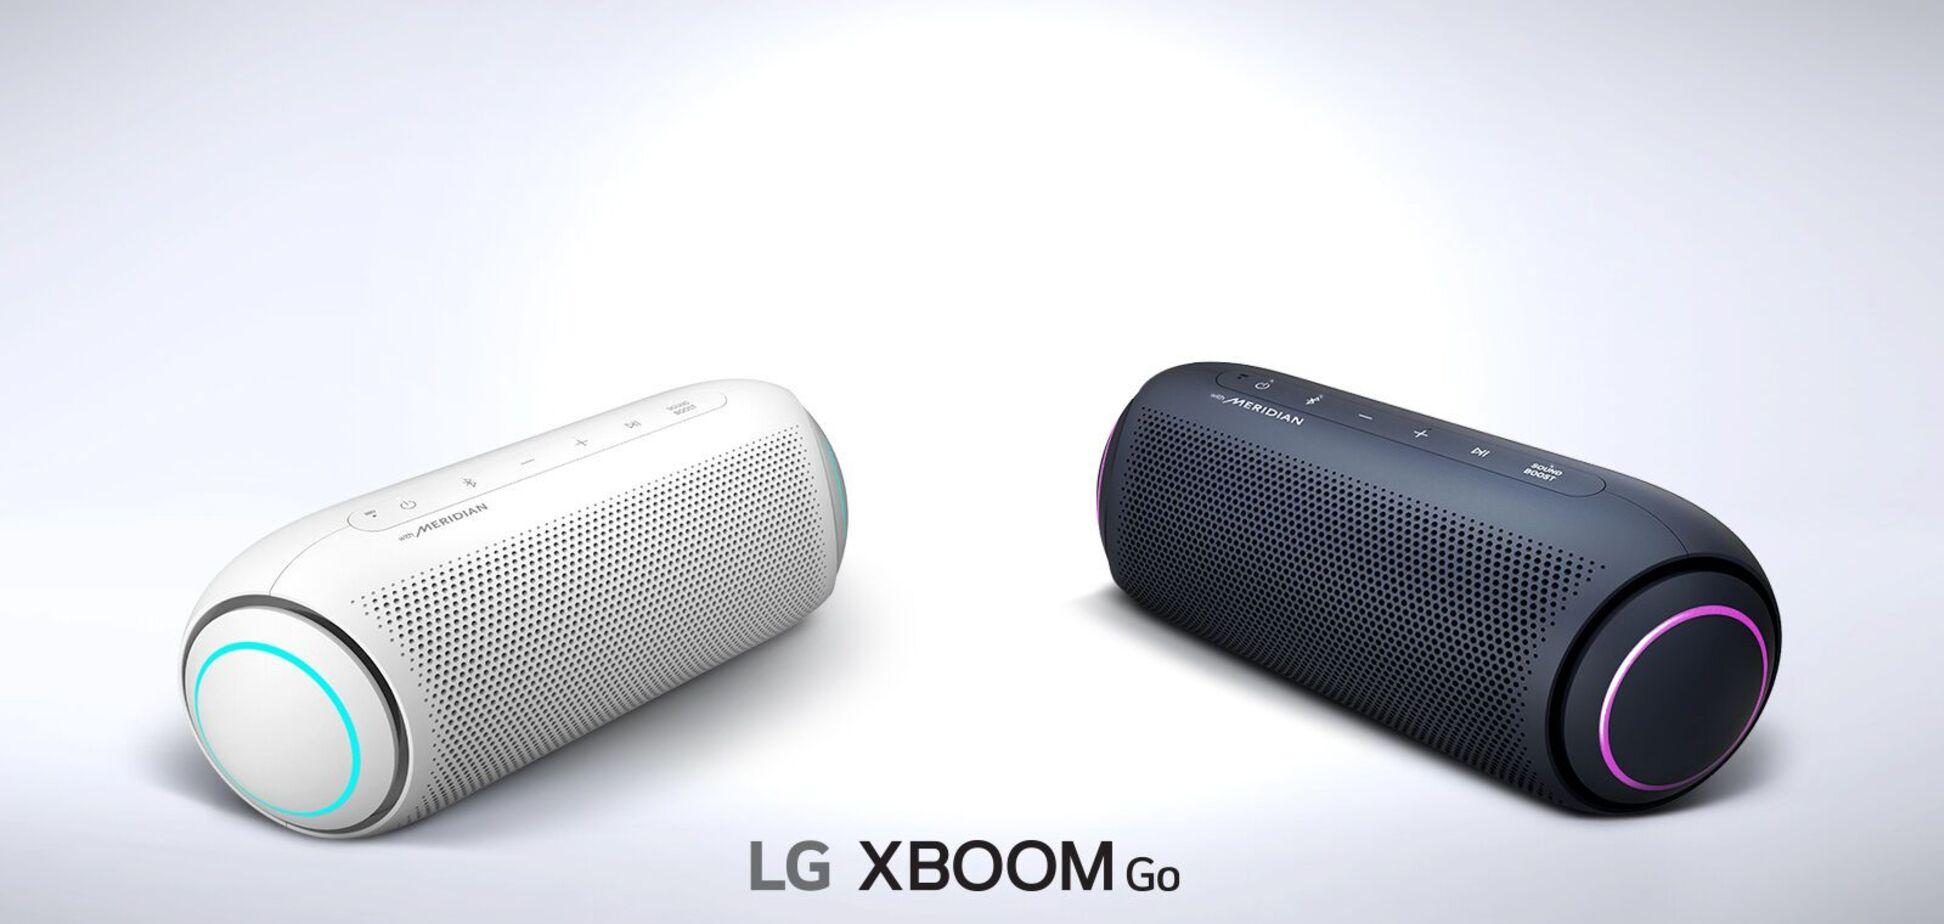 LG представила новые портативные колонки XBOOM GO: 24 часа непрерывной работы